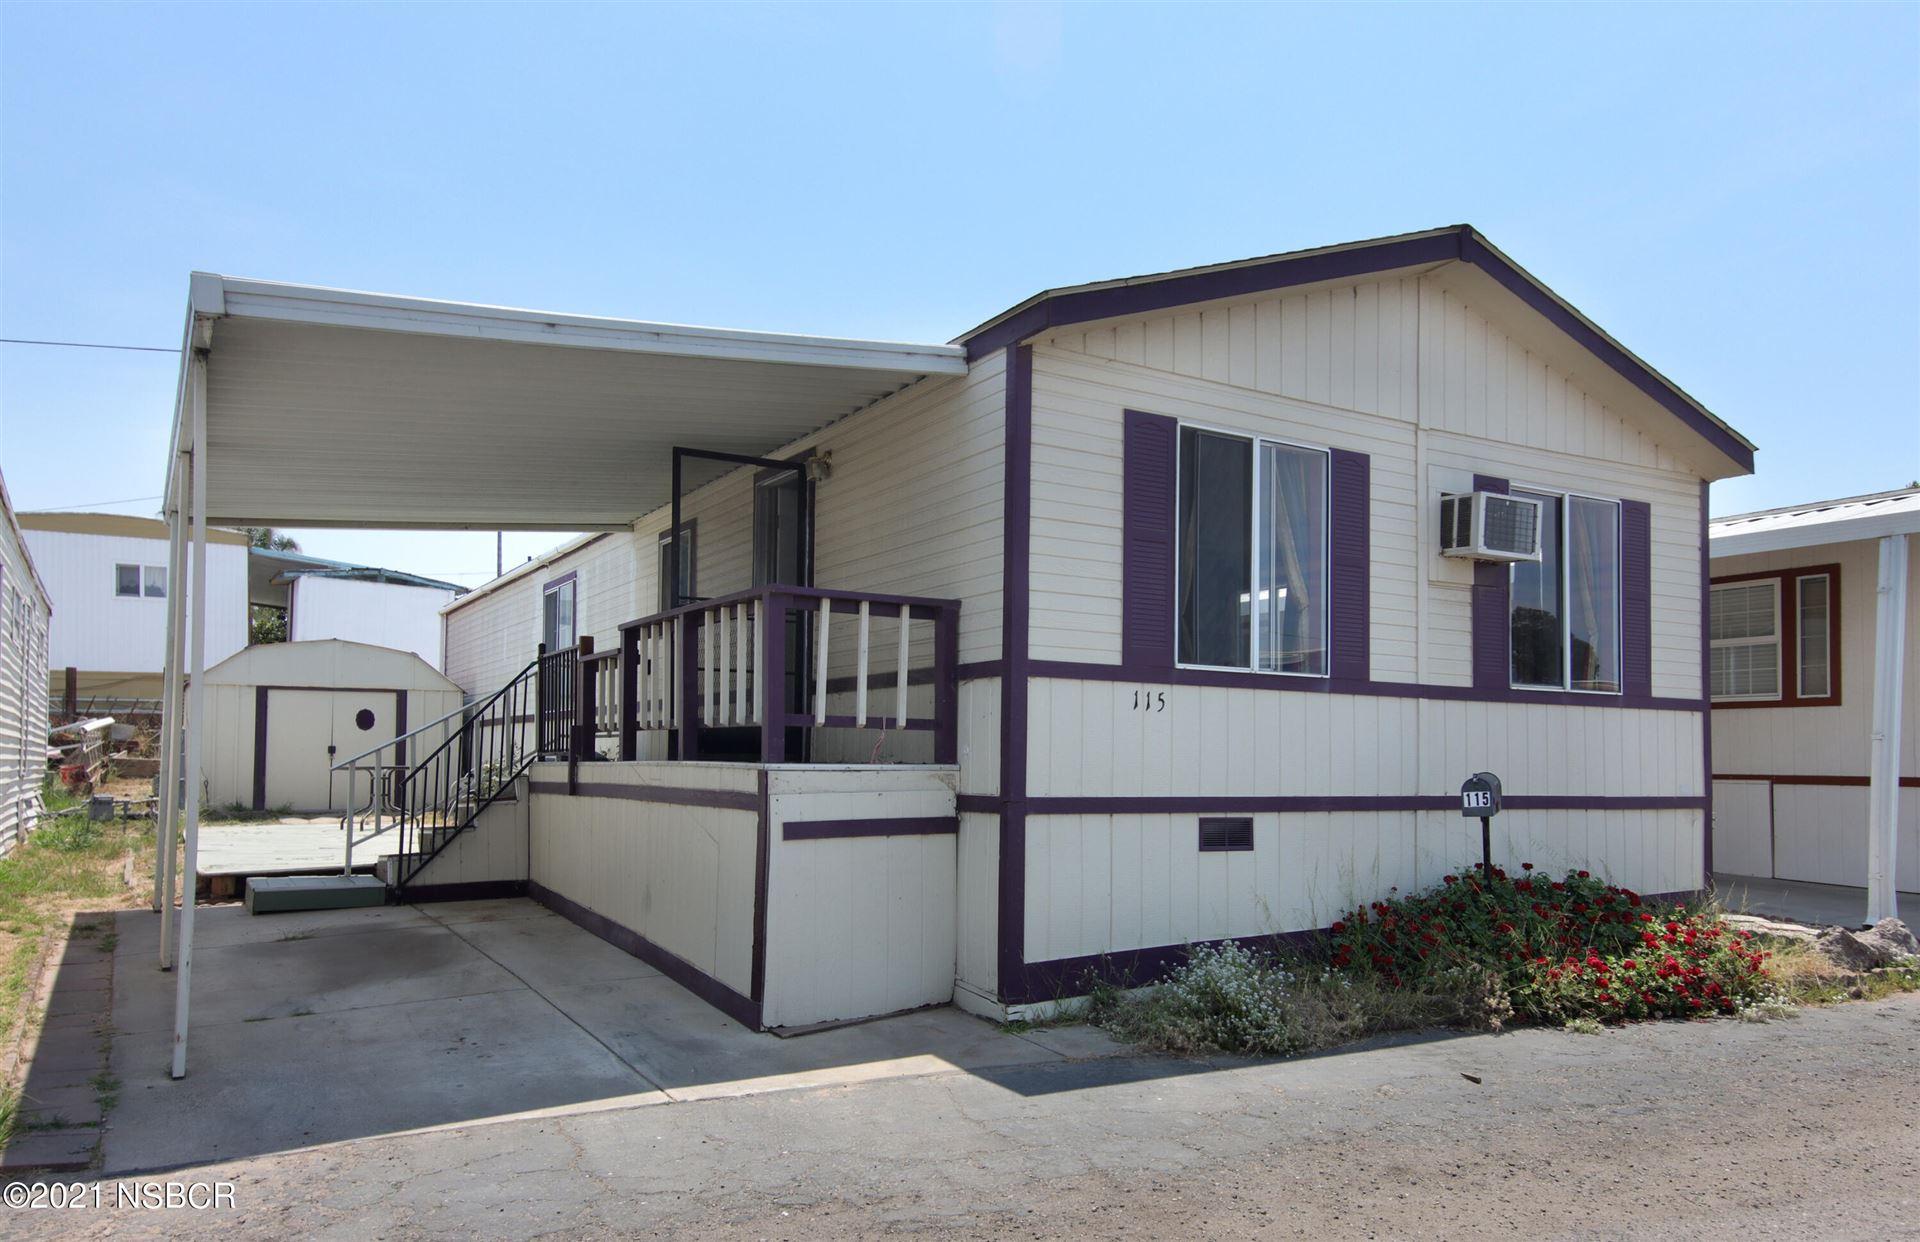 1600 E Clark Avenue #115, Santa Maria, CA 93455 - MLS#: 21001468